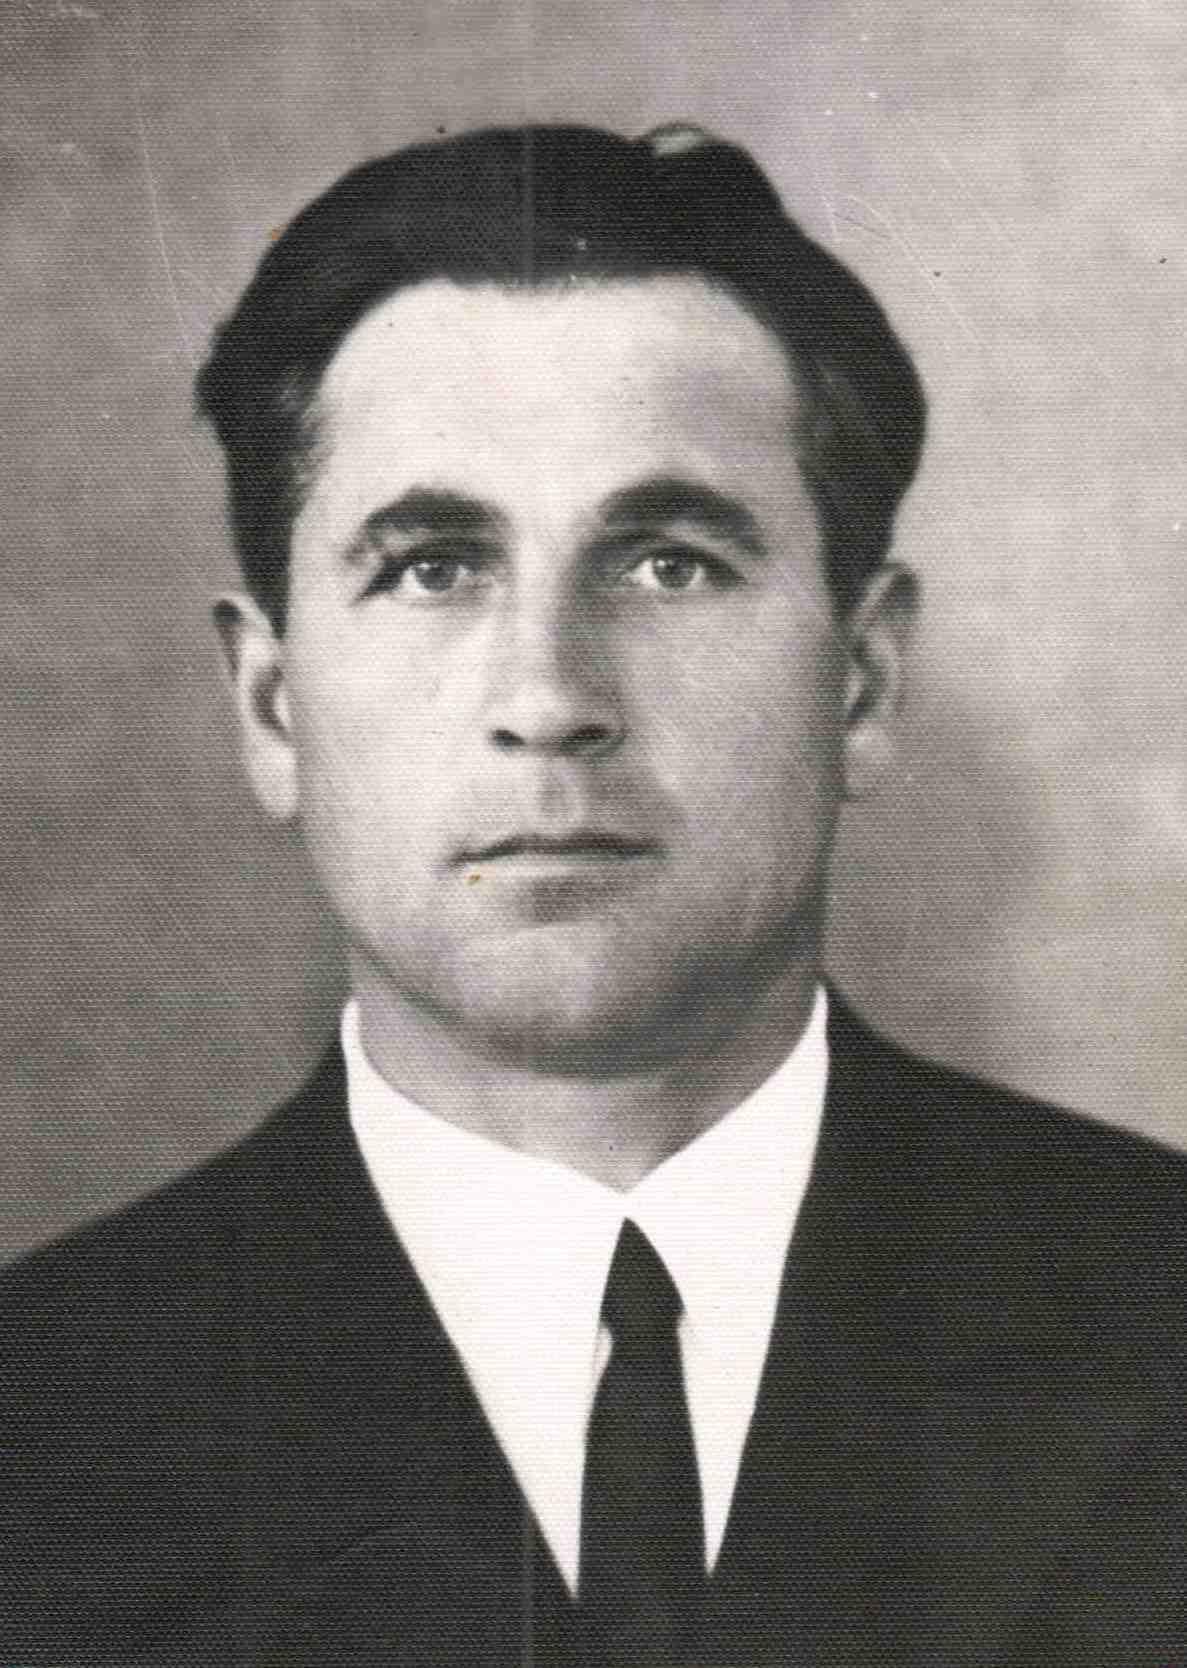 74. Осьмаков НА.